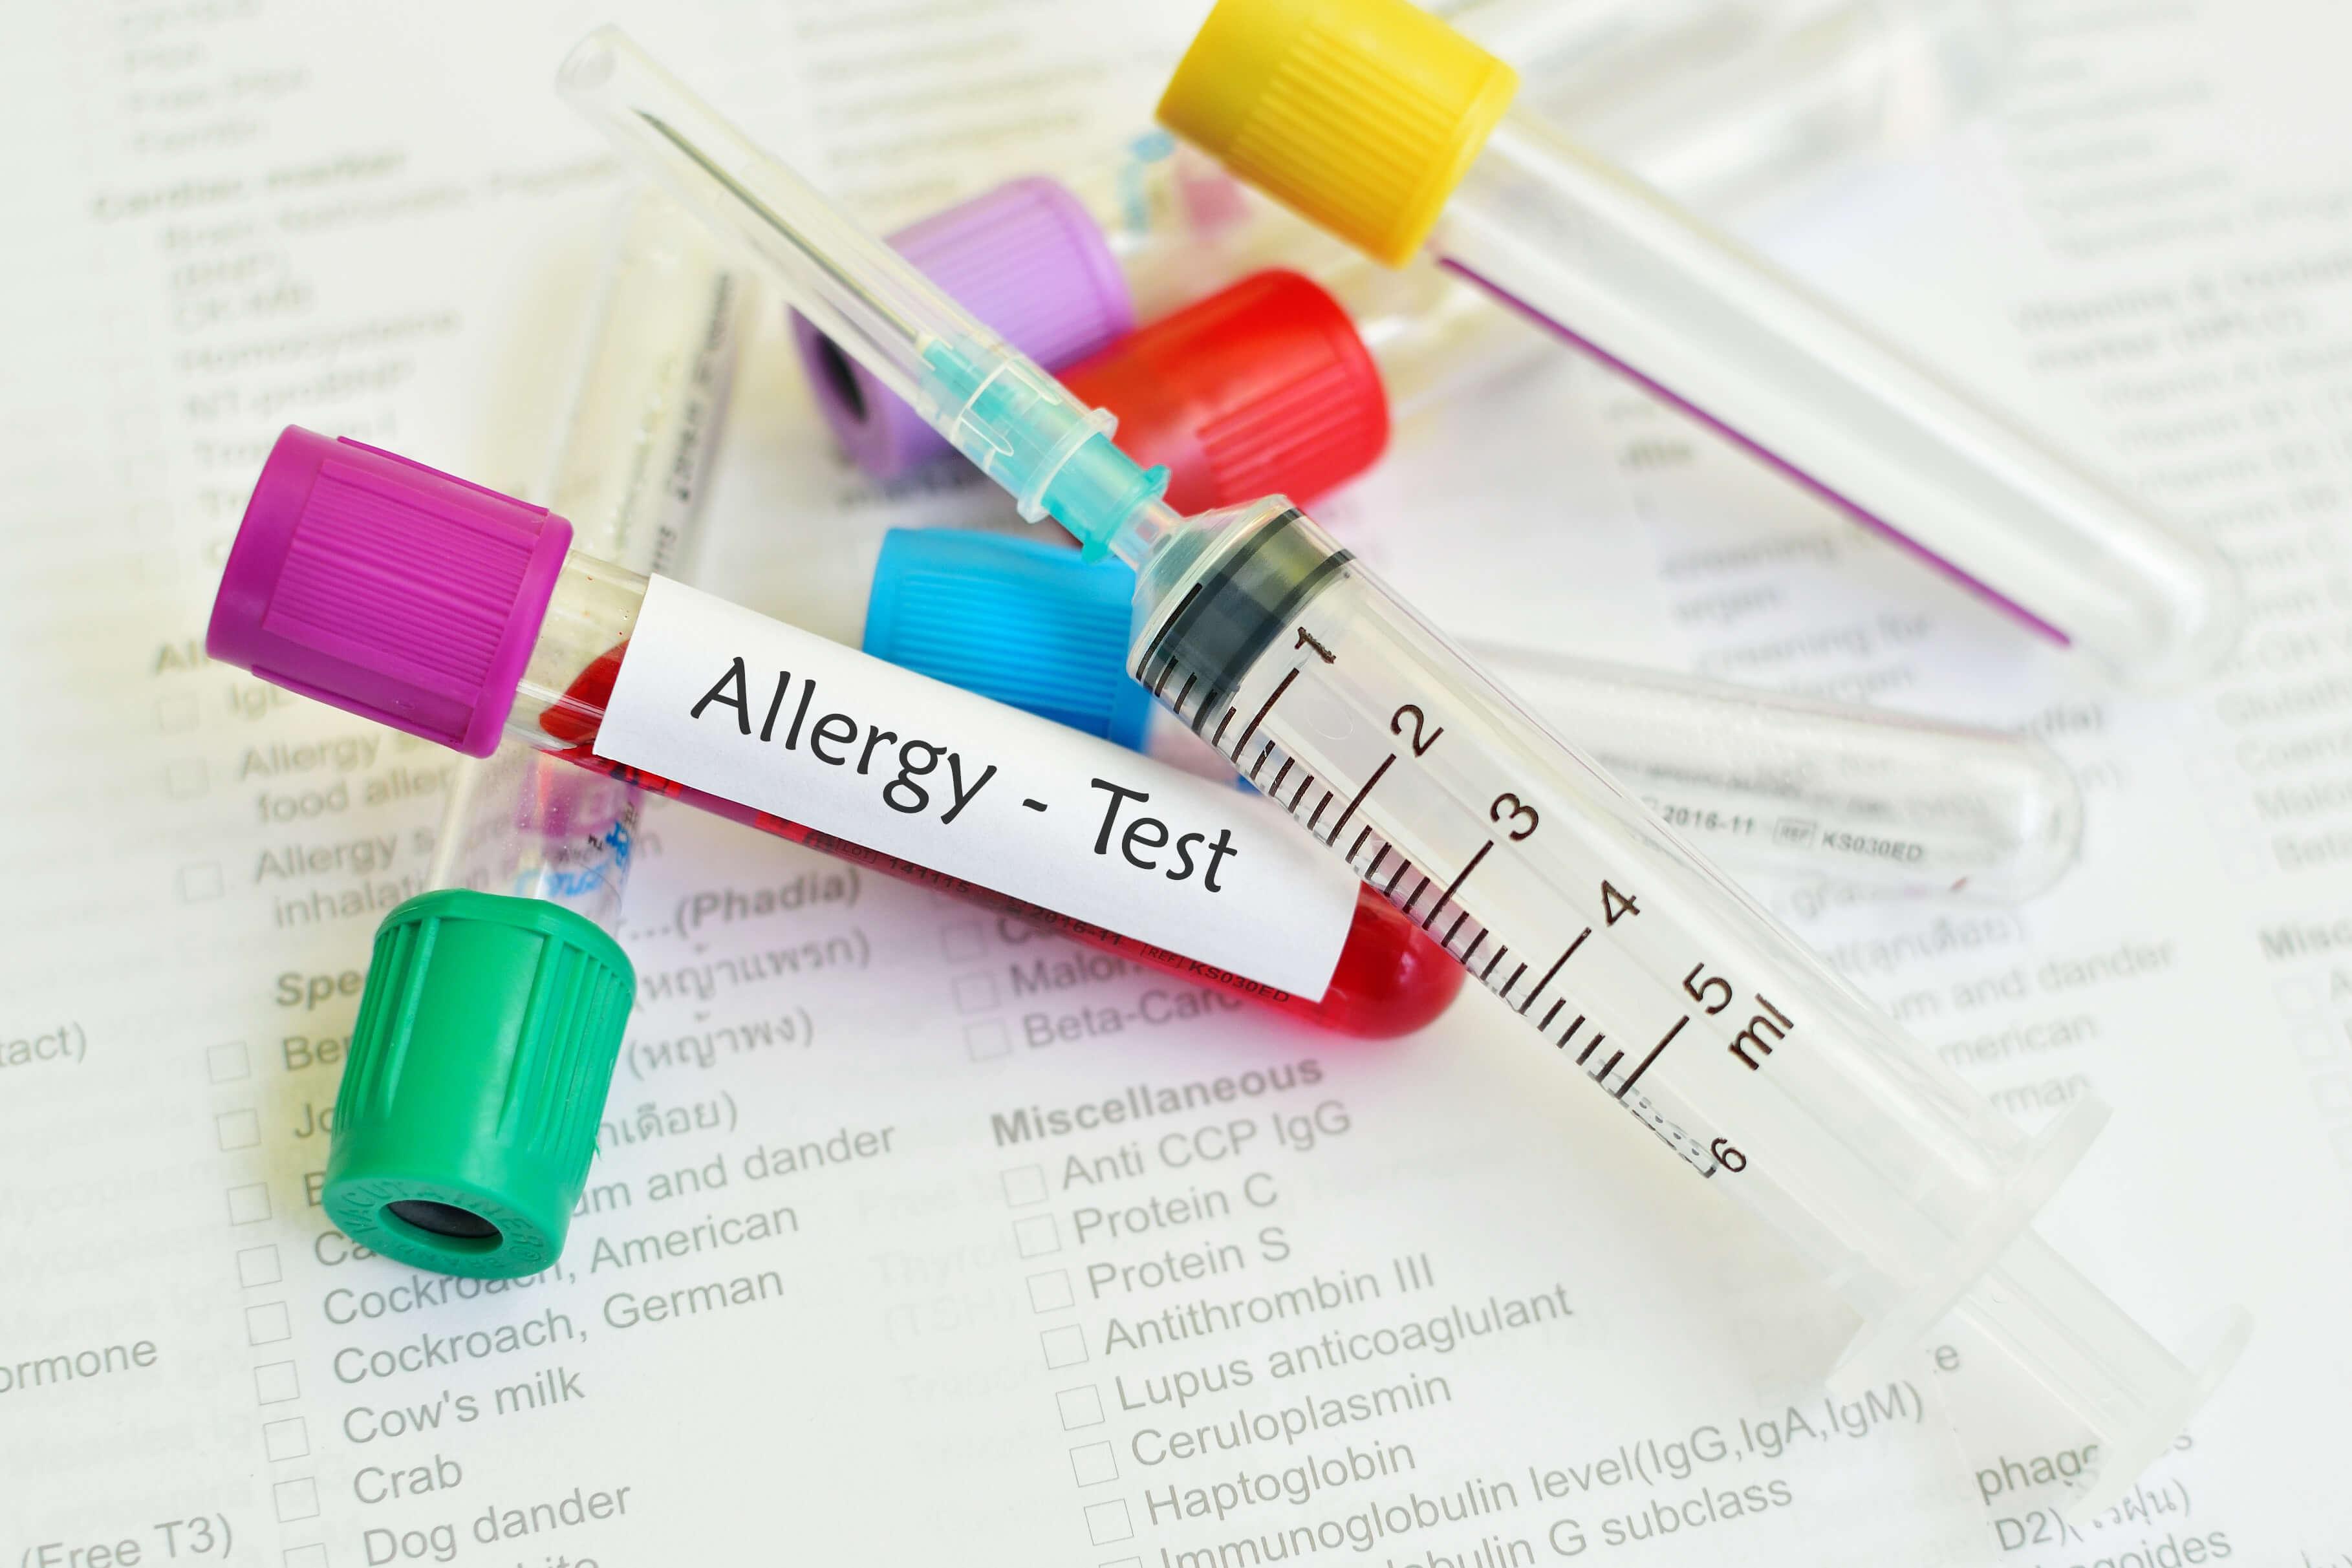 アレルギーテストの為の試験管と注射器